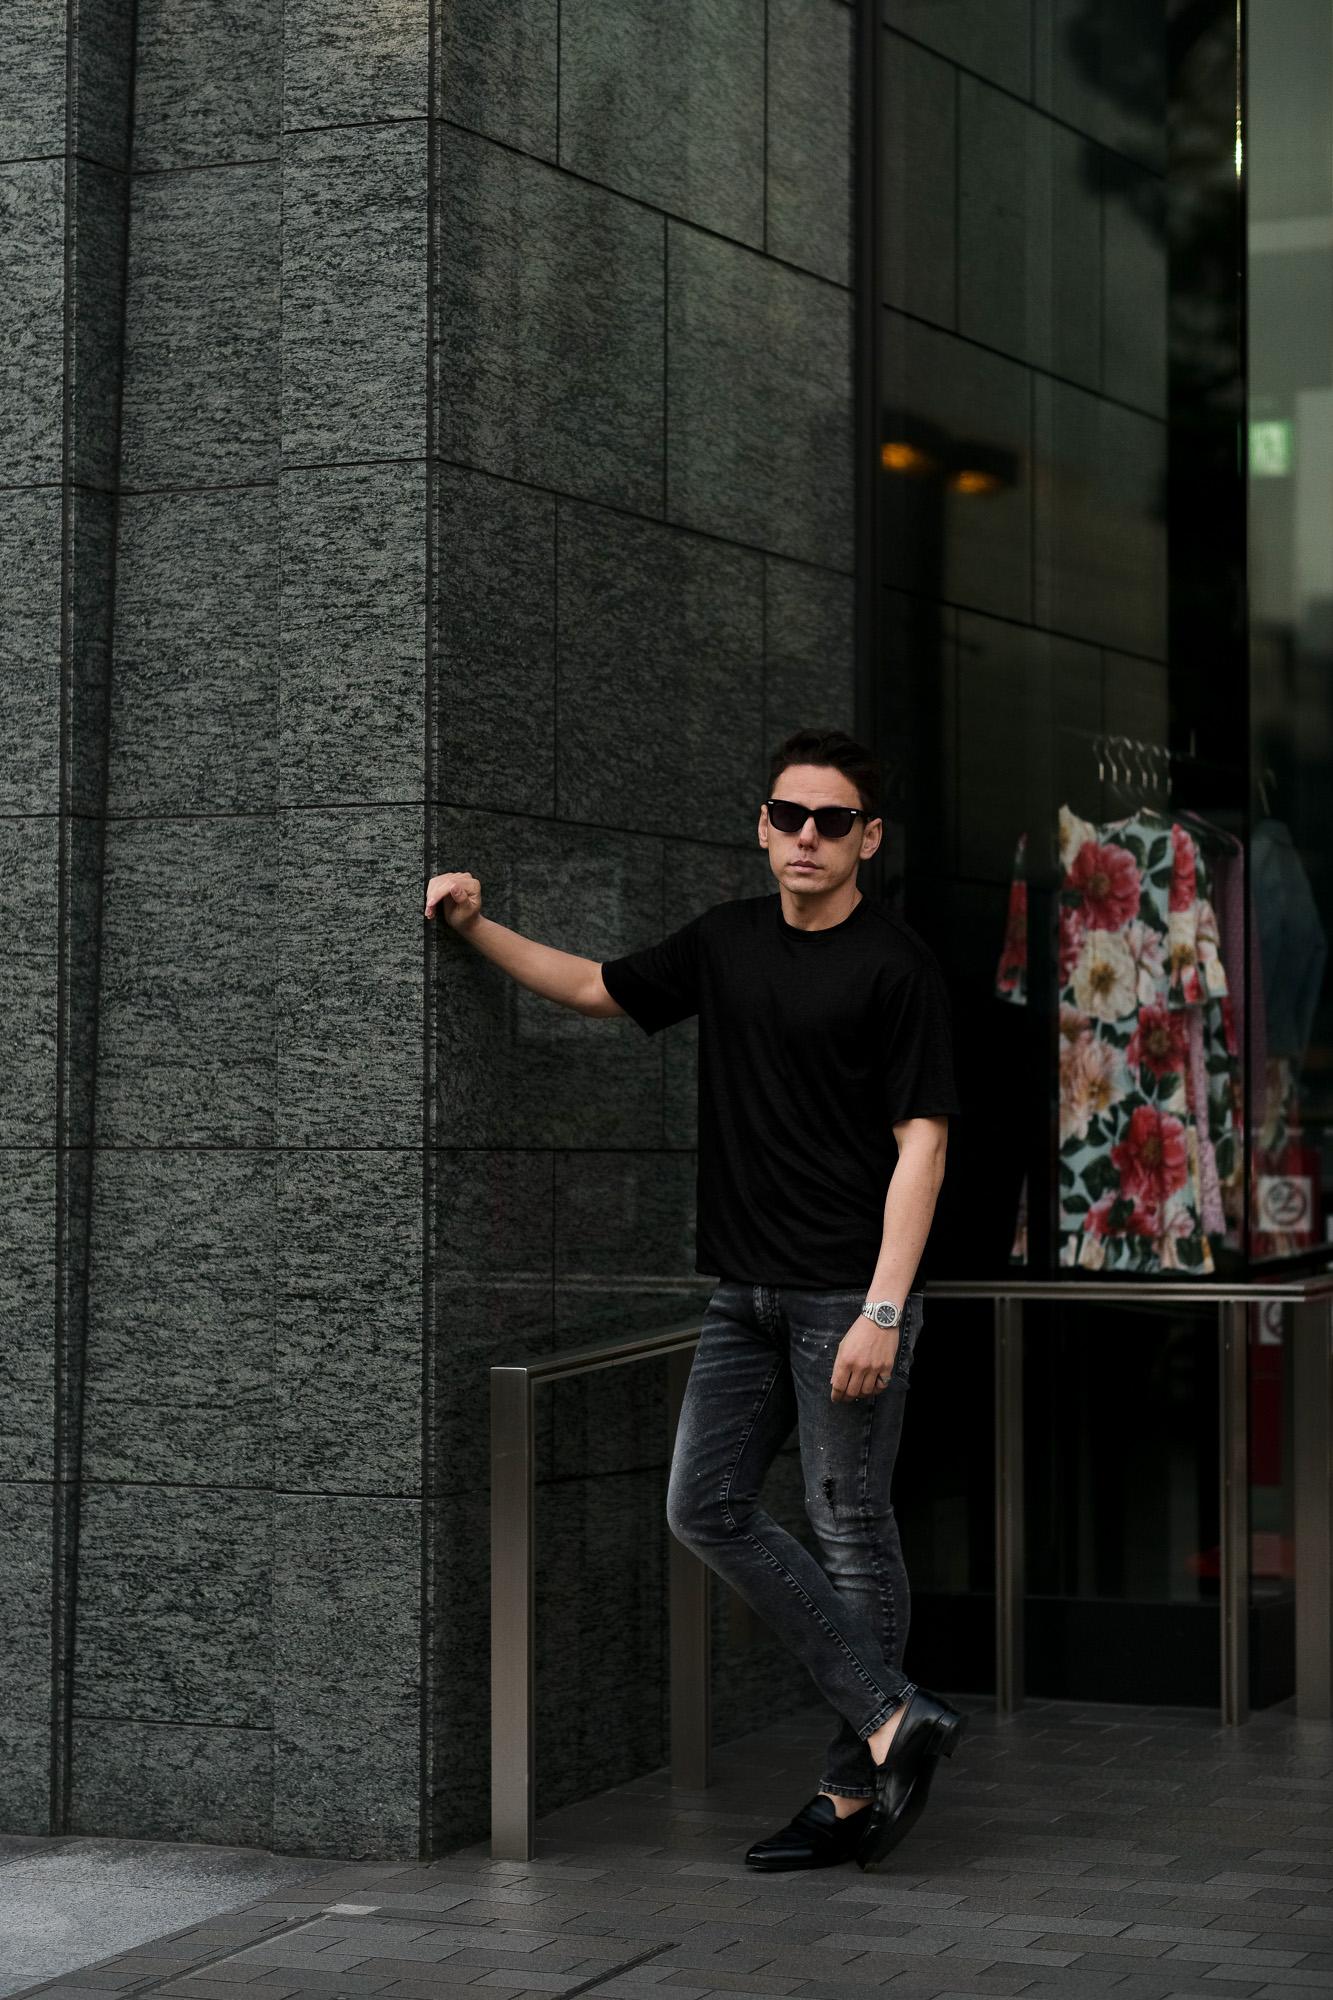 RIVORA (リヴォラ) Vintage Linen Layered T-Shirts ヴィンテージ リネン レイヤード Tシャツ BLACK (ブラック・010) MADE IN JAPAN (日本製) 2021 春夏新作 【入荷しました】【フリー分発売開始】愛知 名古屋 Alto e Diritto altoediritto アルトエデリット 半袖TEE